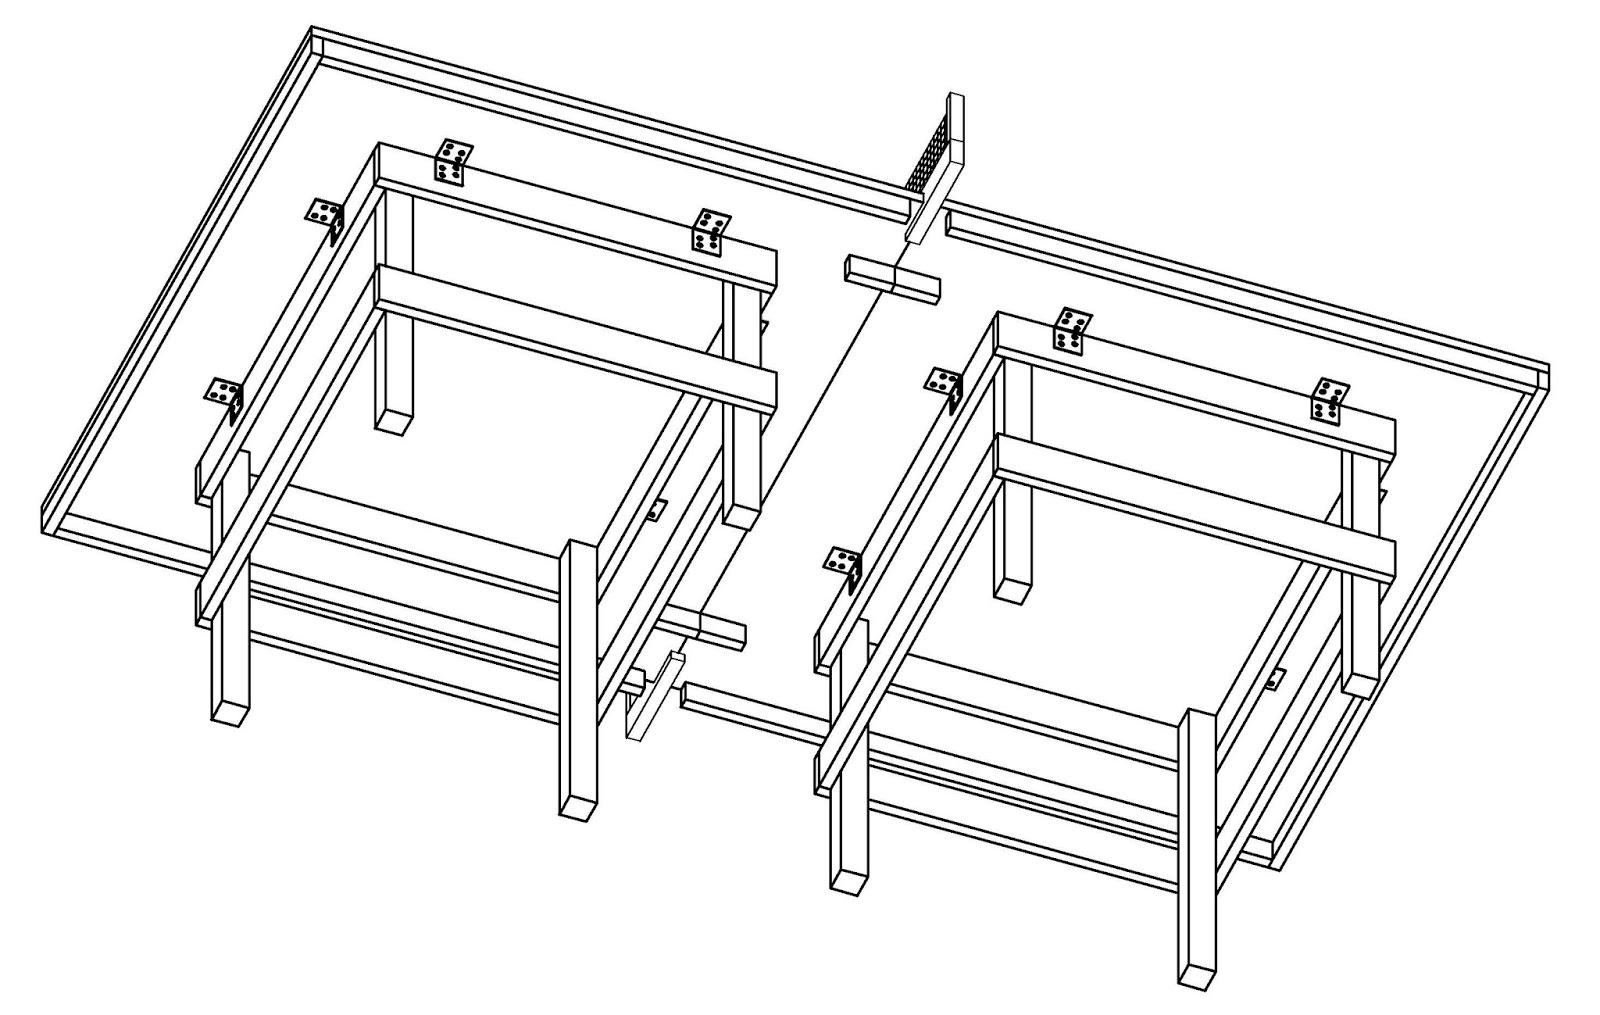 Costruire facile come costruire un tavolo da ping pong for Costruire un tavolo pieghevole